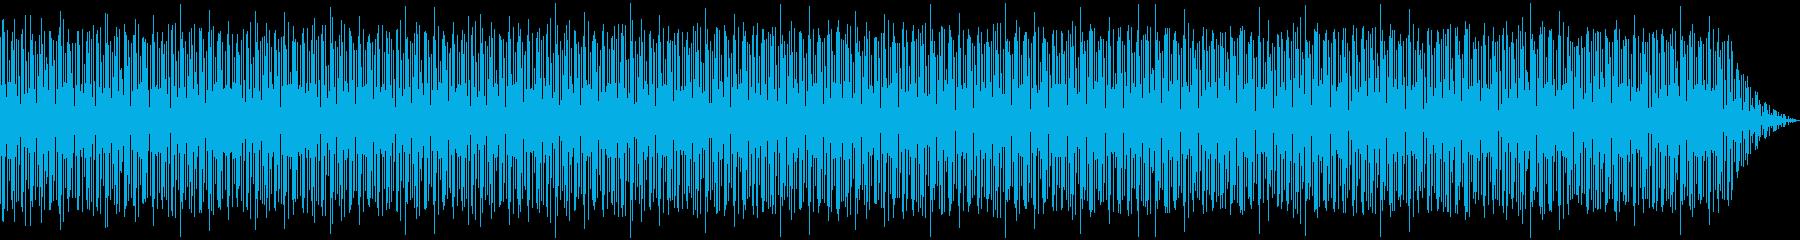 モダンでおしゃれなクラップ  CMなどにの再生済みの波形